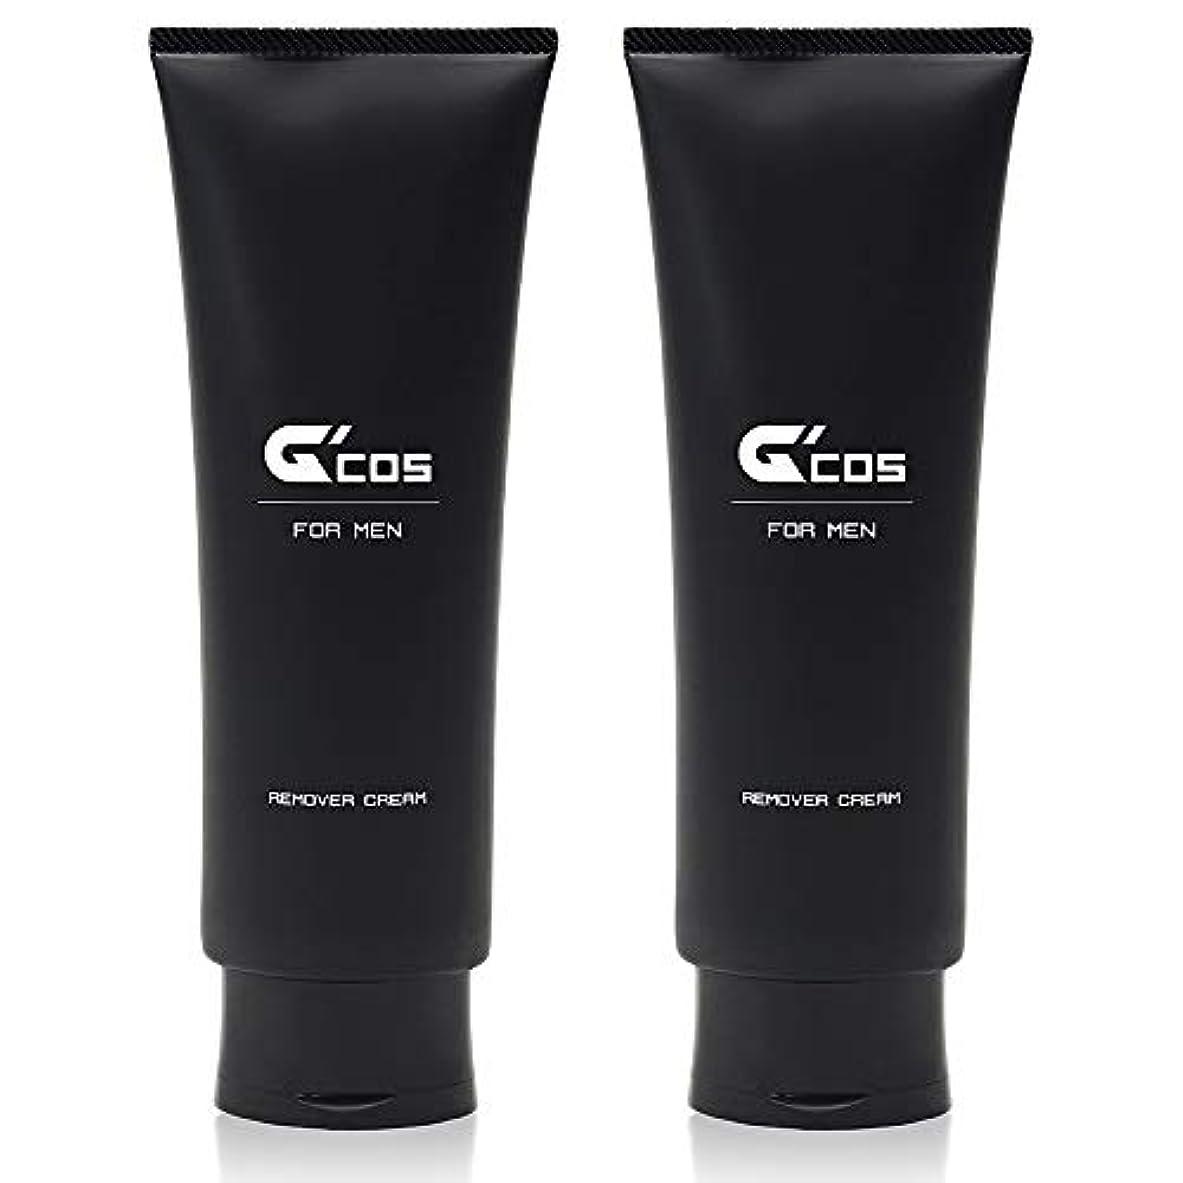 宿反応する恐ろしいG'cos 除毛クリーム メンズ 250g 2個セット (デリケートゾーン/VIO/ボディ用) 医薬部外品